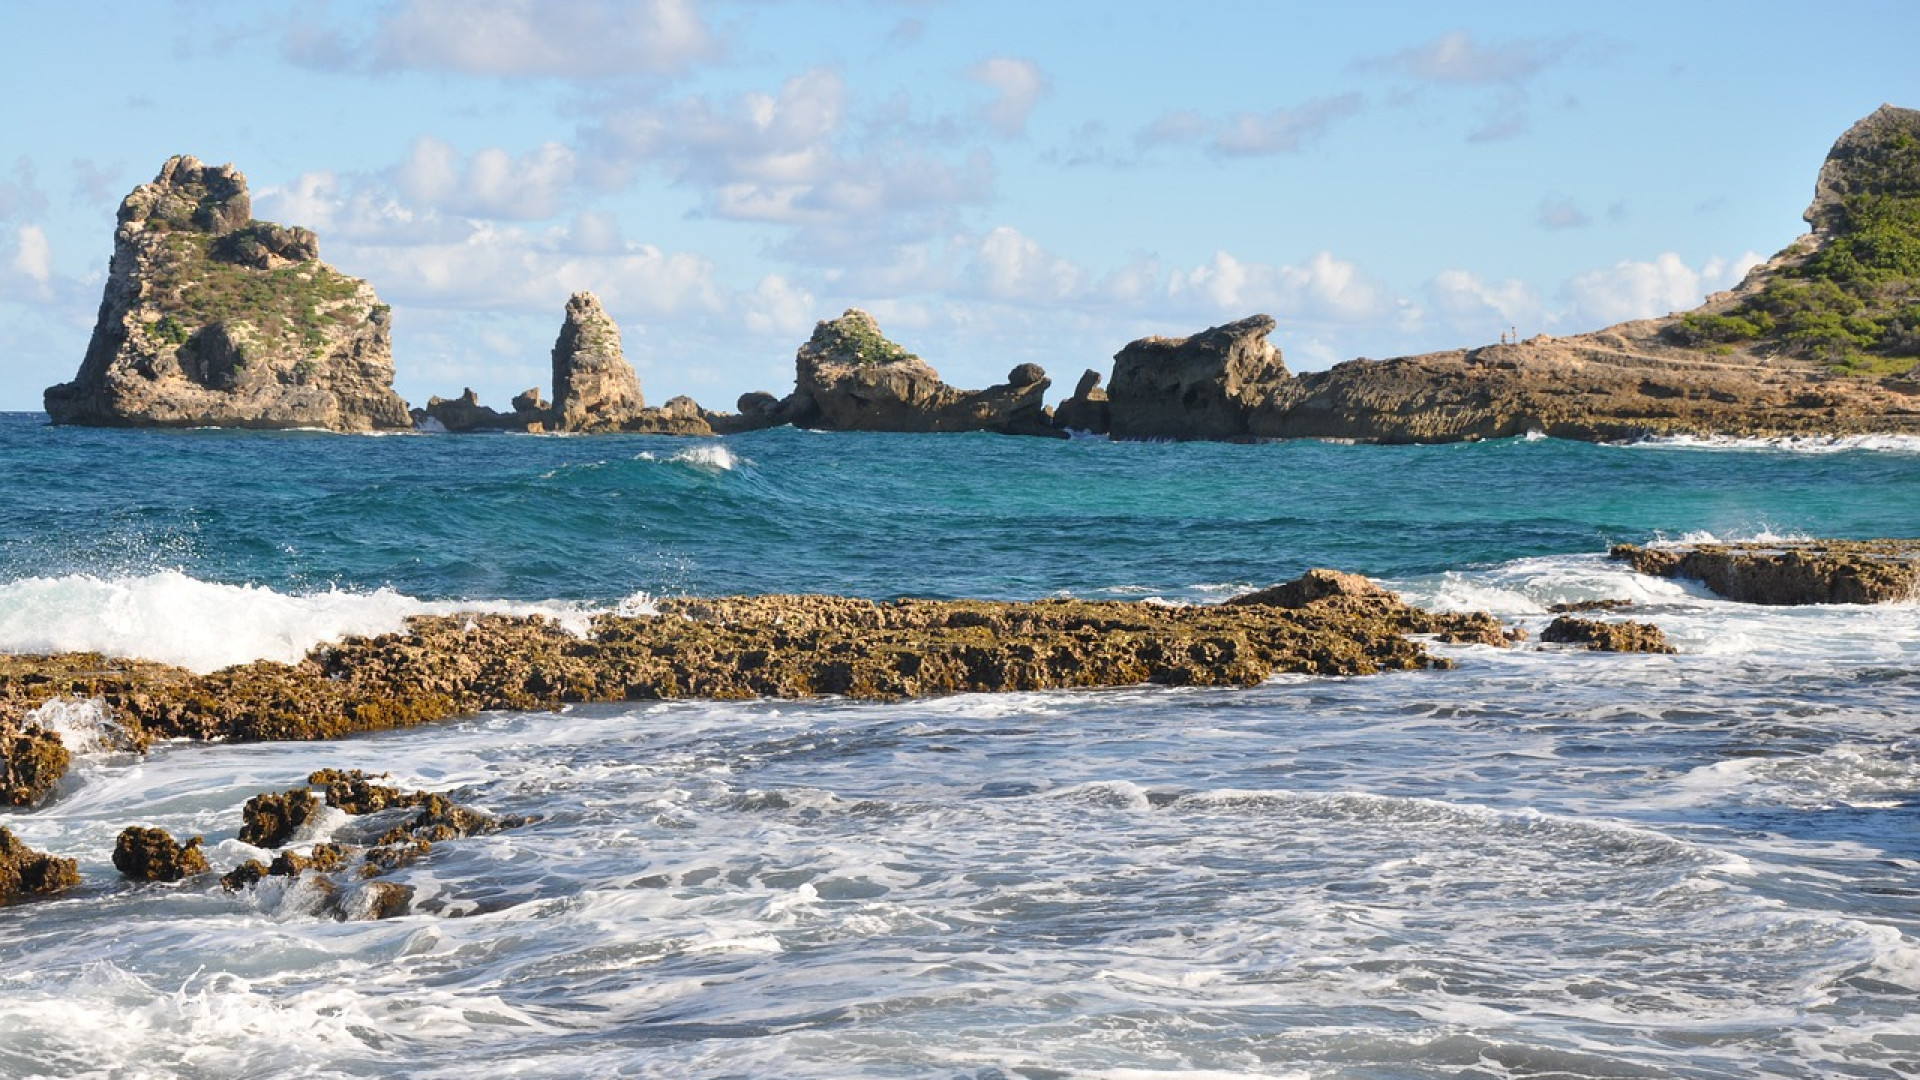 Les avantages d'une excursion en Guadeloupe